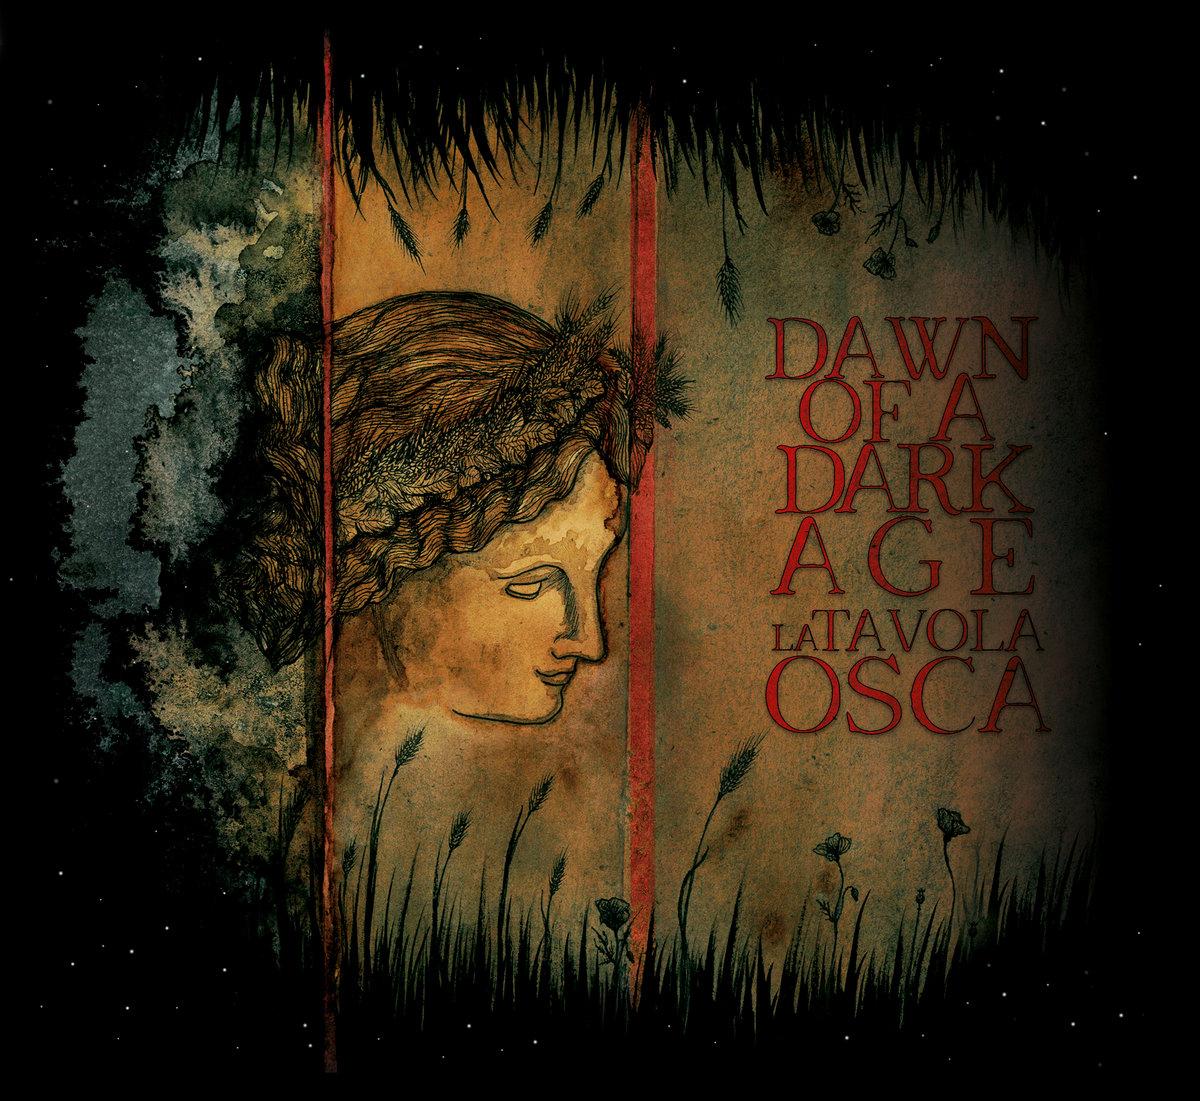 dawn of a dark age La Tavola Osca